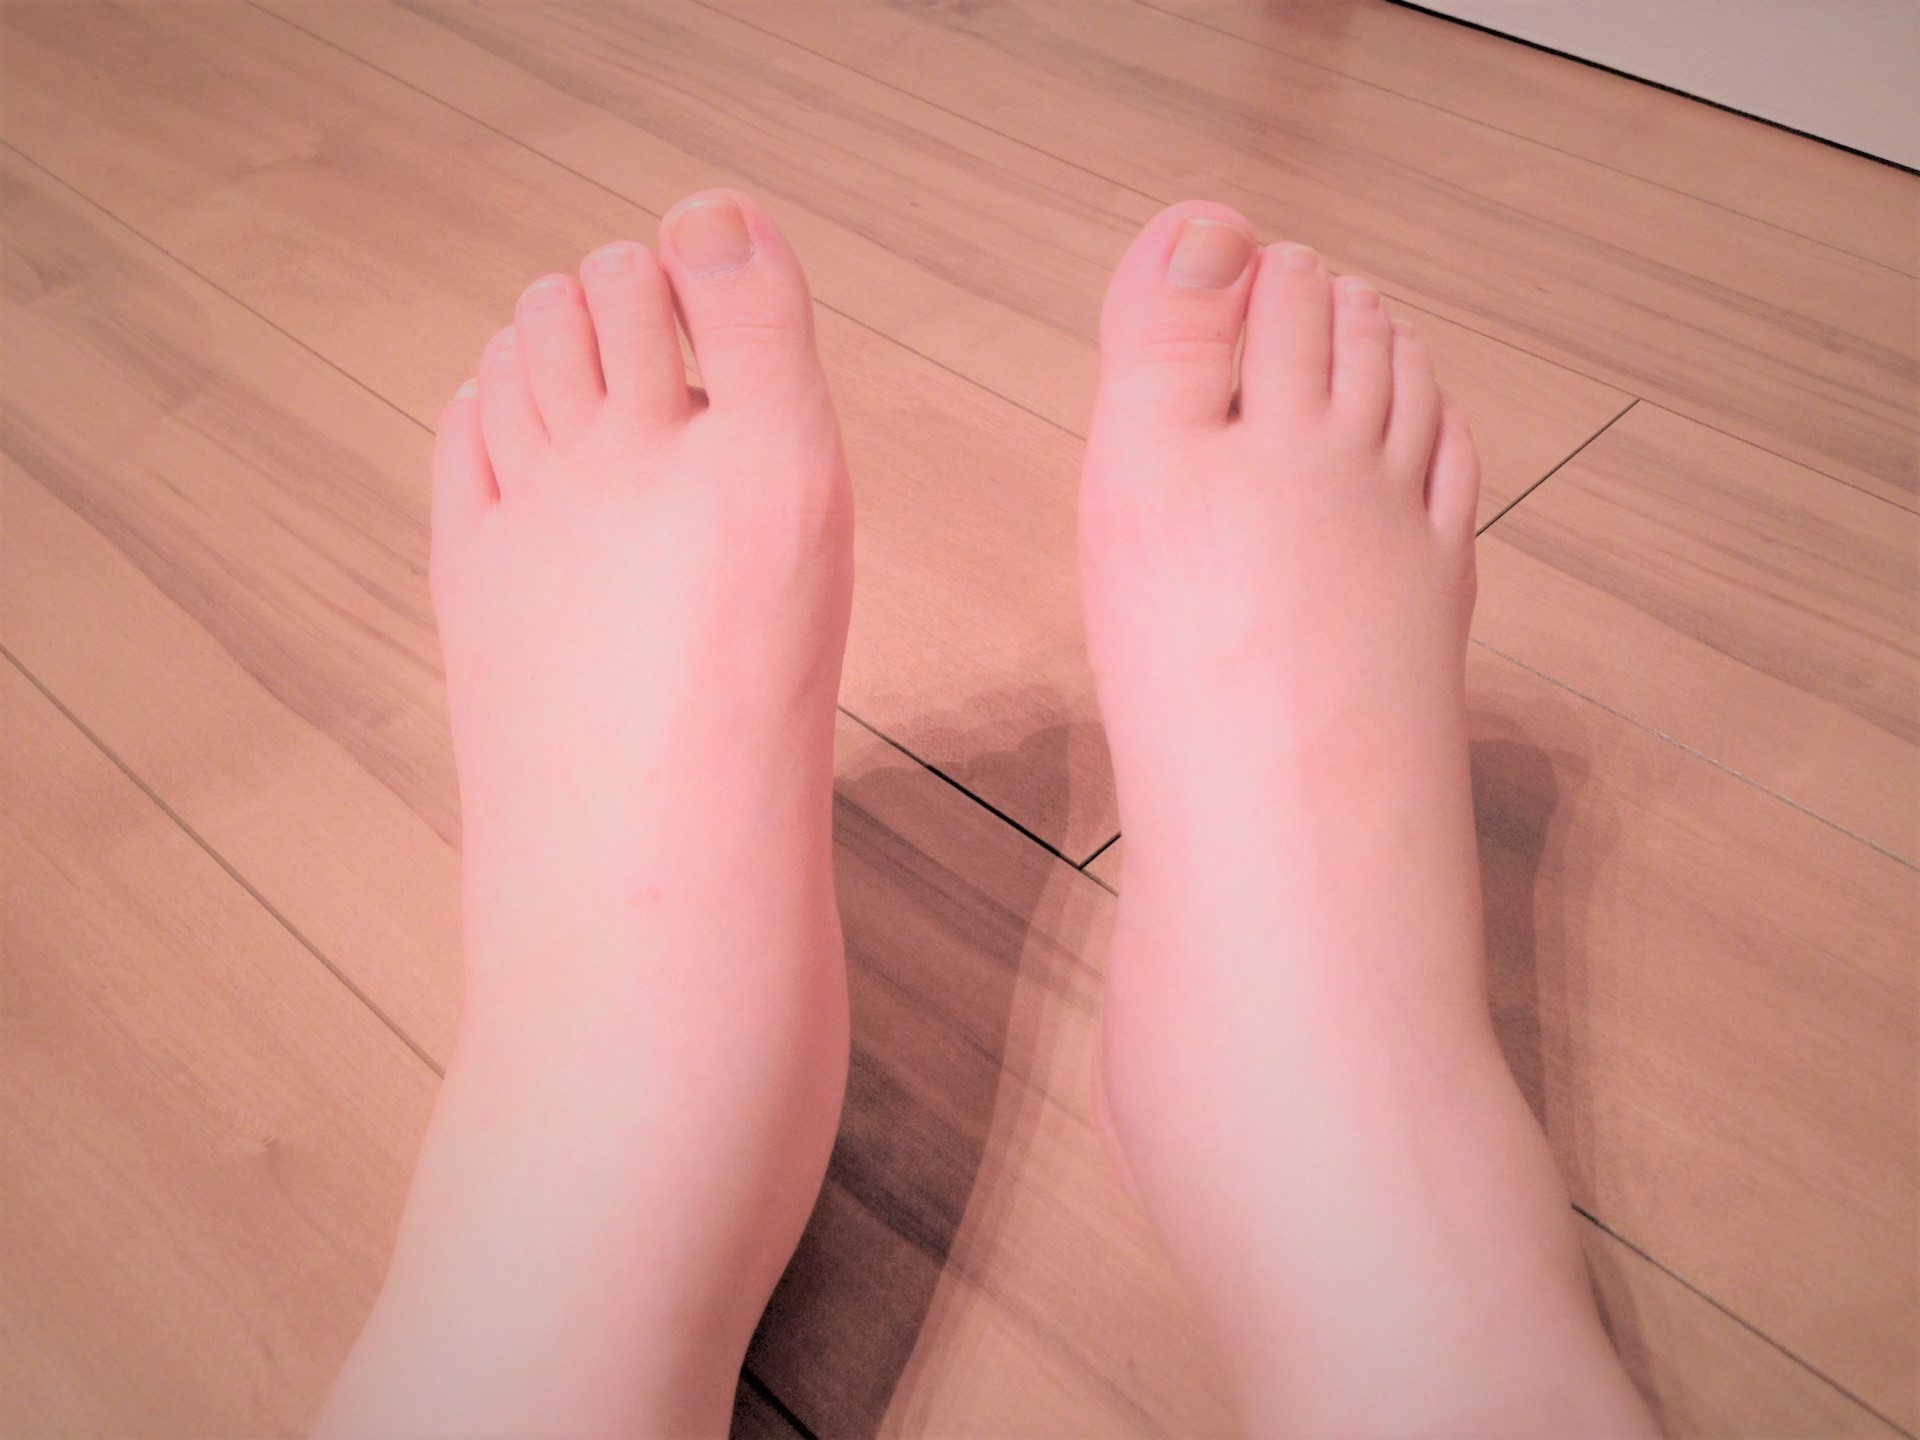 妊娠 初期 足 の むくみ 妊娠初期のむくみの症状と原因。予防と対策について。